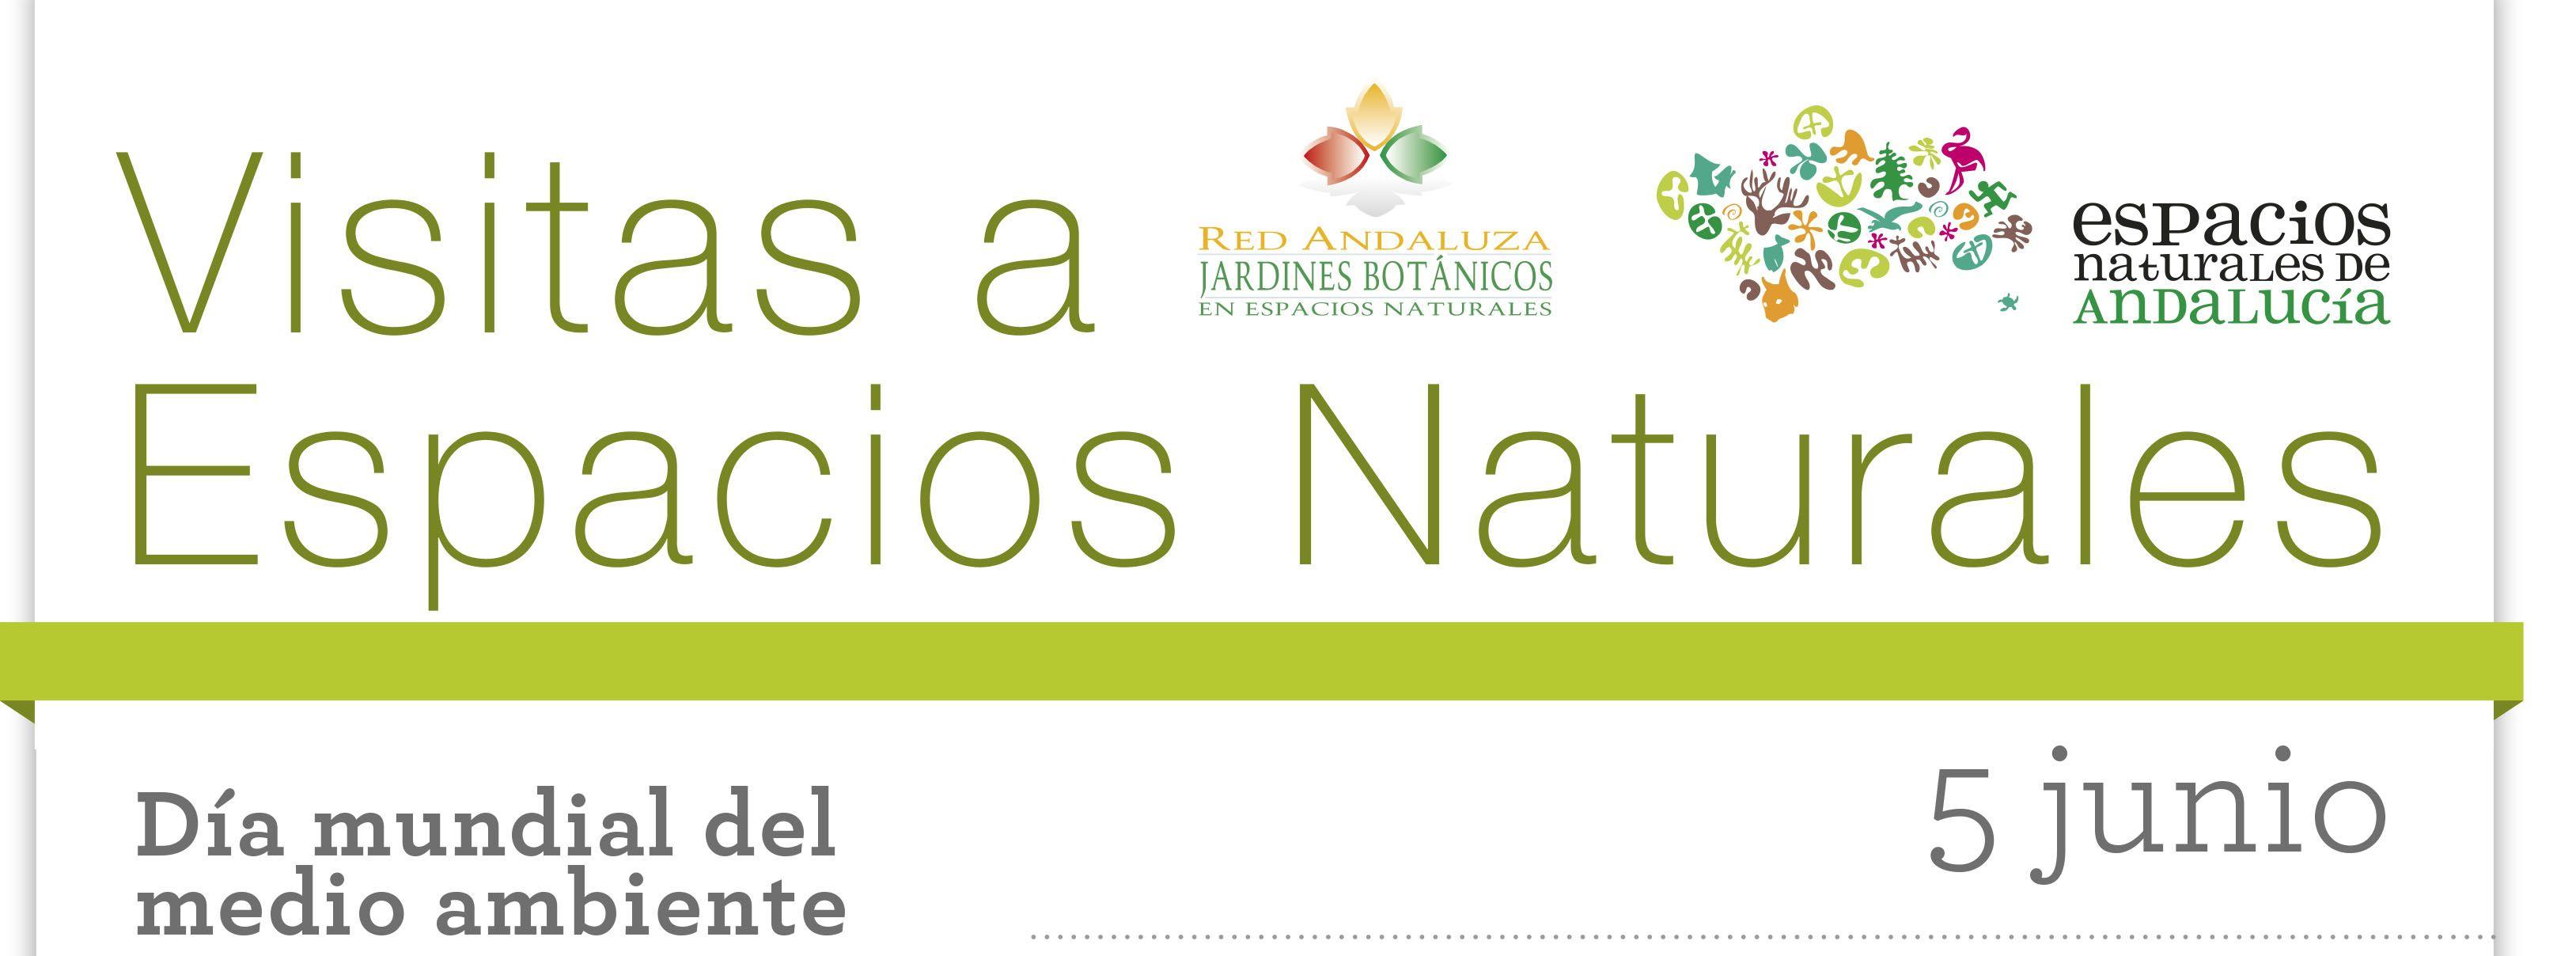 Actividades propuestas por el Día Mundial del Medio Ambiente en los espacios naturales protegidos de Andalucía. Consulta el cartel, cada actividad contiene un enlace a su ficha descriptiva, en la que se detallan los datos de contacto para ampliar información y reservas. Puedes consultar la oferta completa de actividades  en: www.reservatuvisita.es #actividades #espaciosnaturales